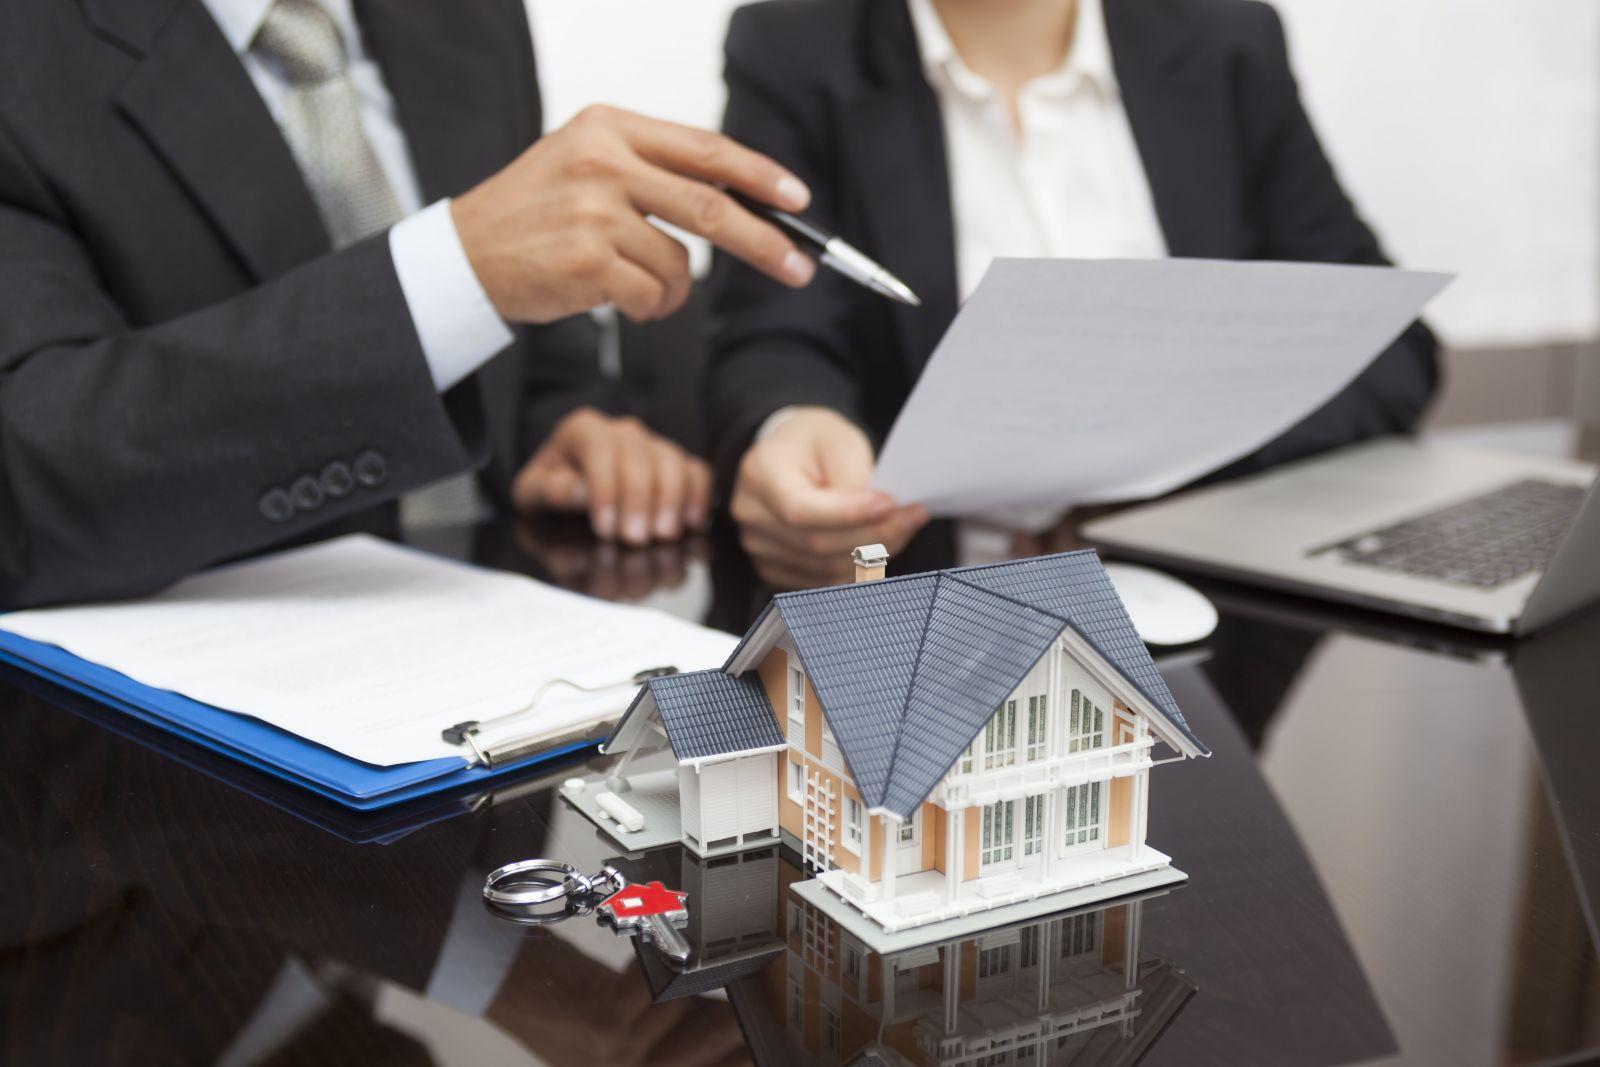 Планируемые изменения в системе госрегистрации недвижимости